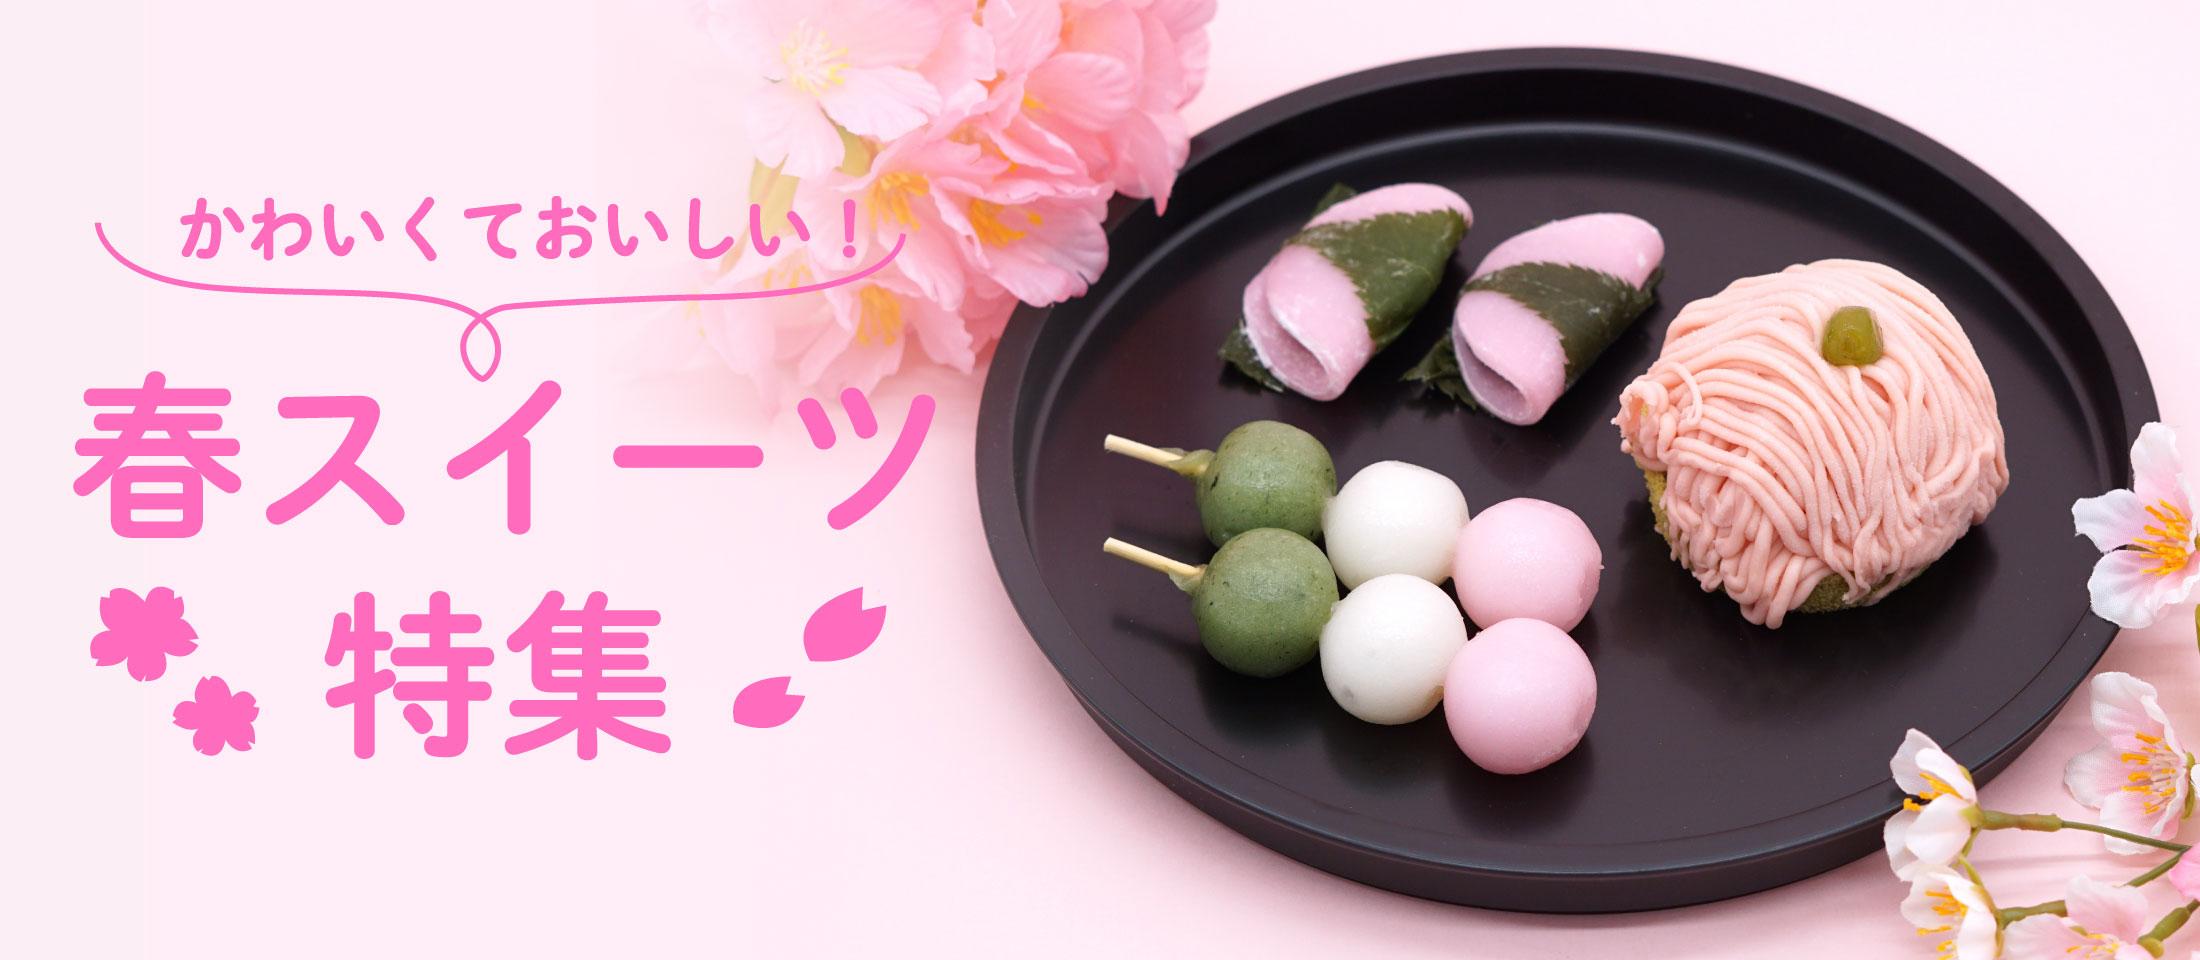 かわいくておいしい 春スイーツ特集9選 業務用食品・冷凍食品おすすめランキング5選 業務用食品・冷凍食品の通販 |ナカヤマフーズ